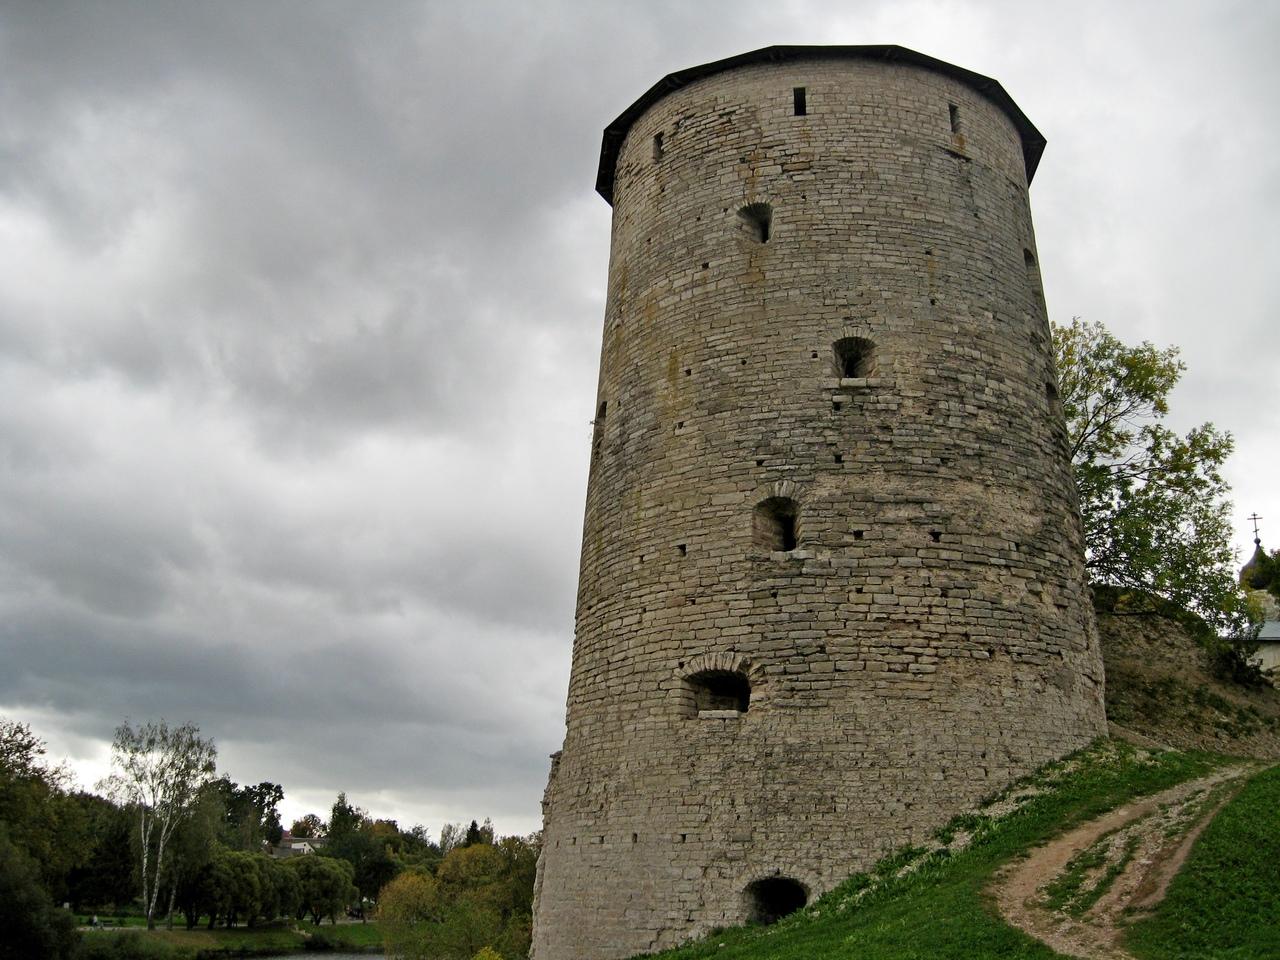 Псковская крепостная стена (Псков)